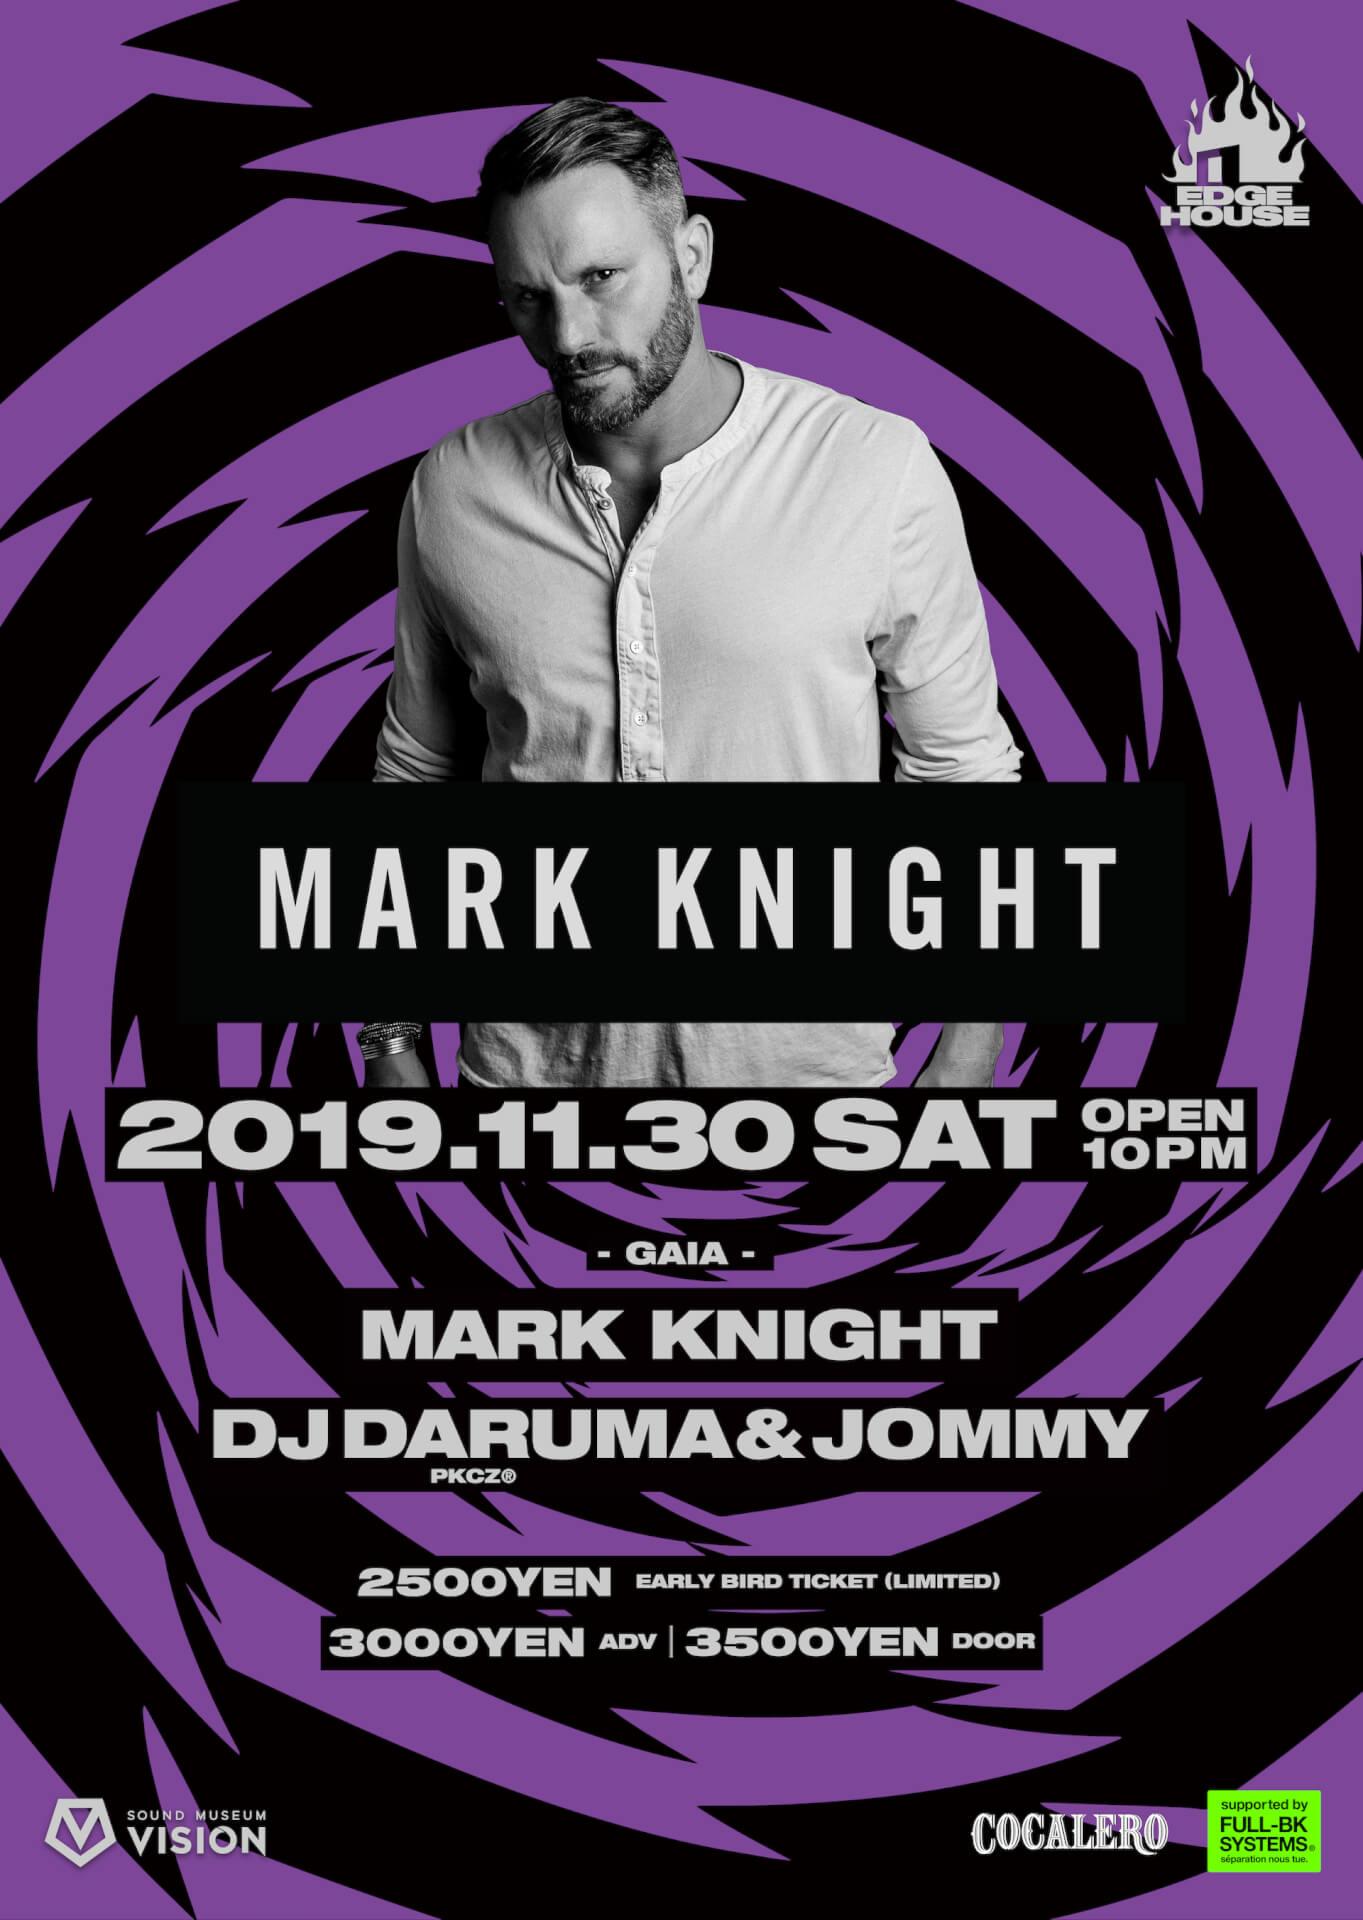 渋谷VISIONの8周年アニバーサリーを4日間に渡り開催|ゆるふわギャング、tofubeats、Mark Knight、Purple Disco Machineら豪華ゲストが出演 poster_design1-1